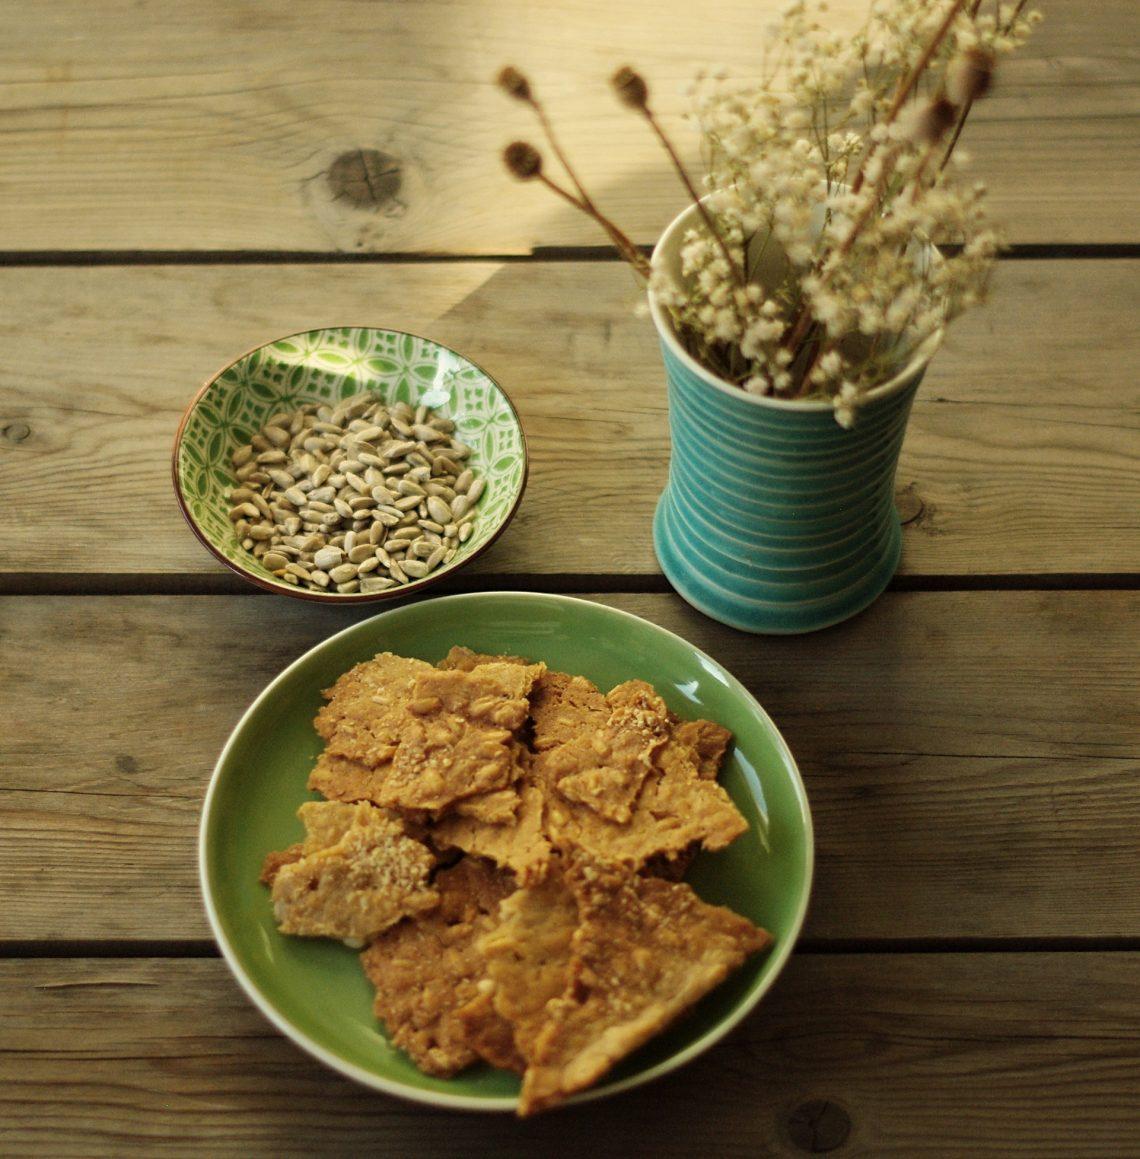 Sauerteig-Cracker, Sonnenblumenkerne und Trockenblumen